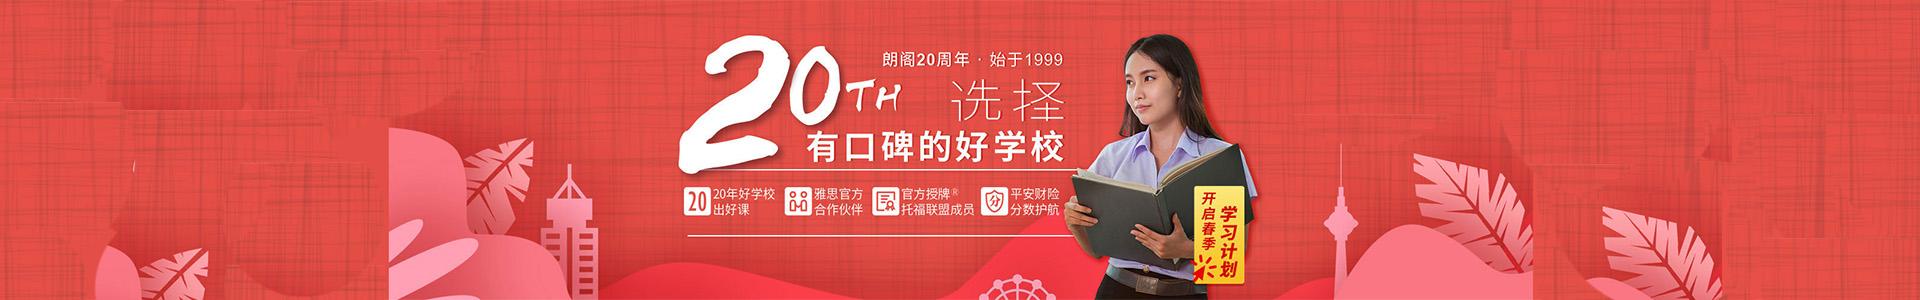 杭州朗阁培训中心